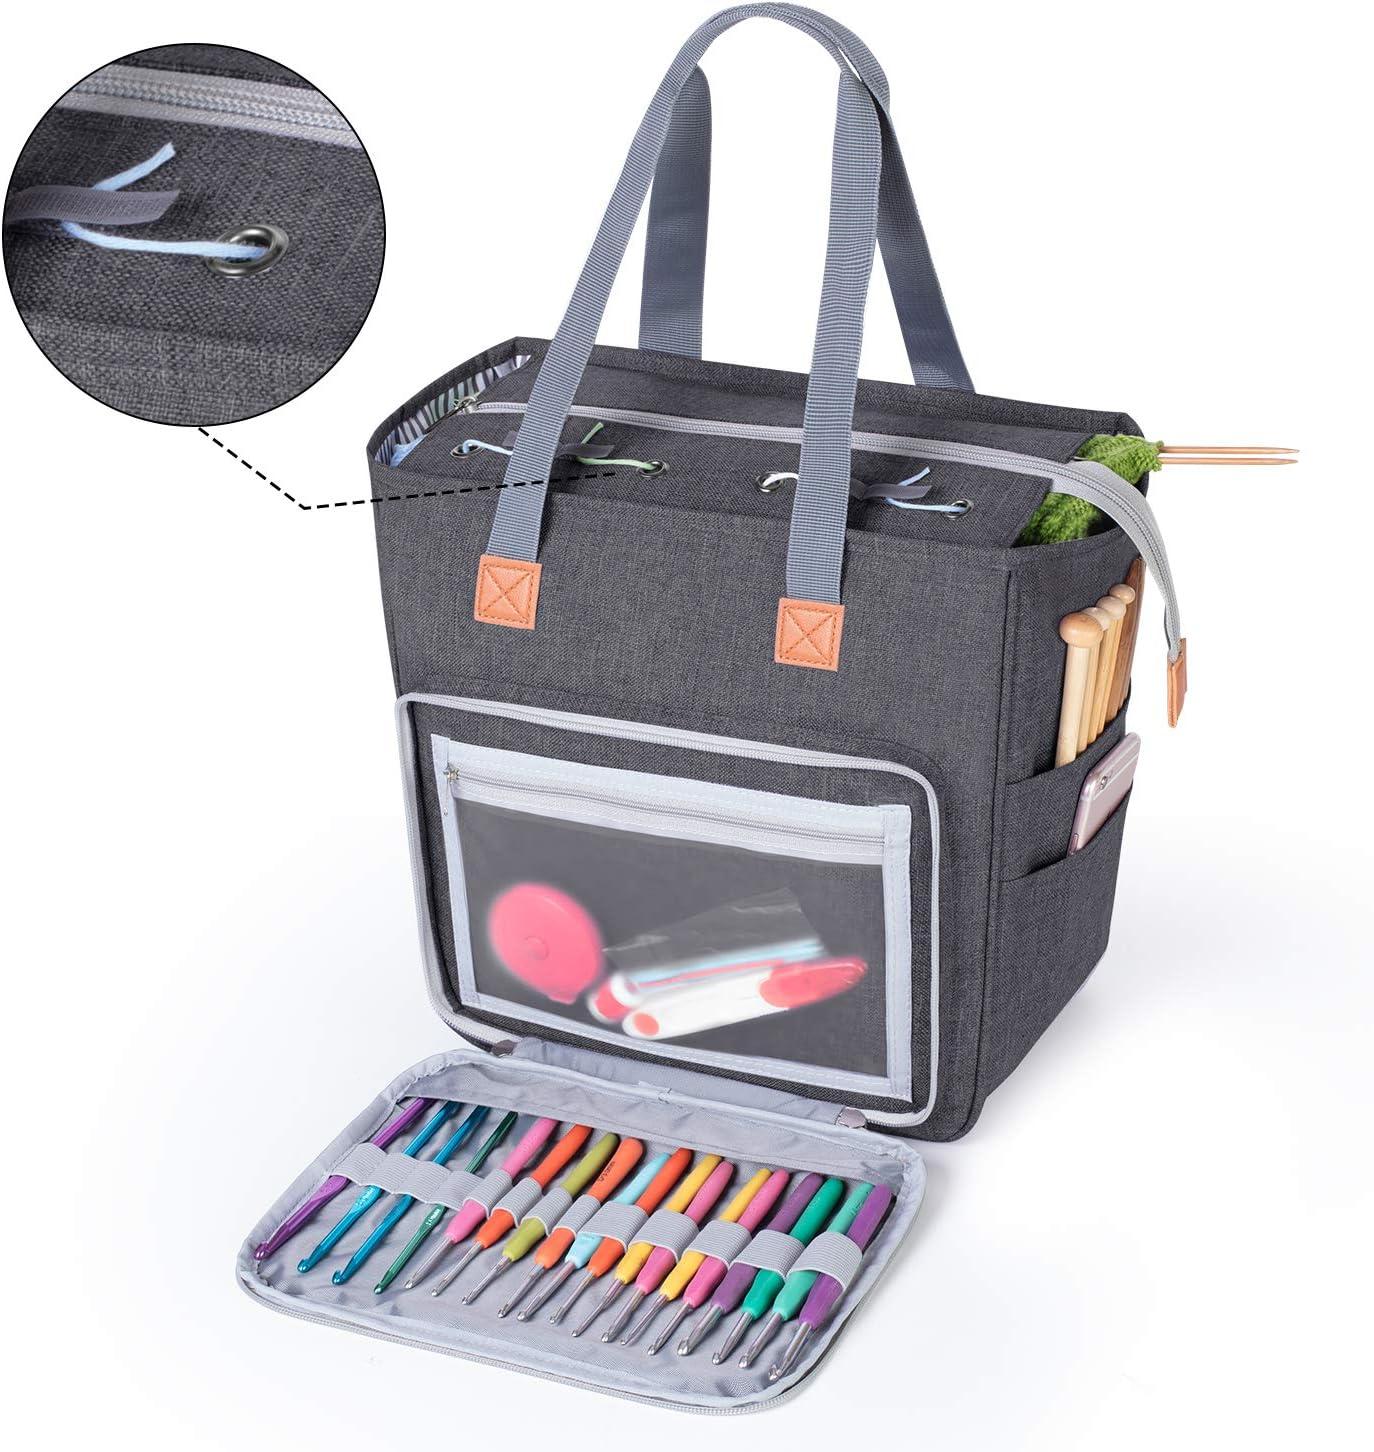 Luxja Stricktasche Aufbewahrung Garn Tasche f/ür Wolle und Stricken Zubeh/ör